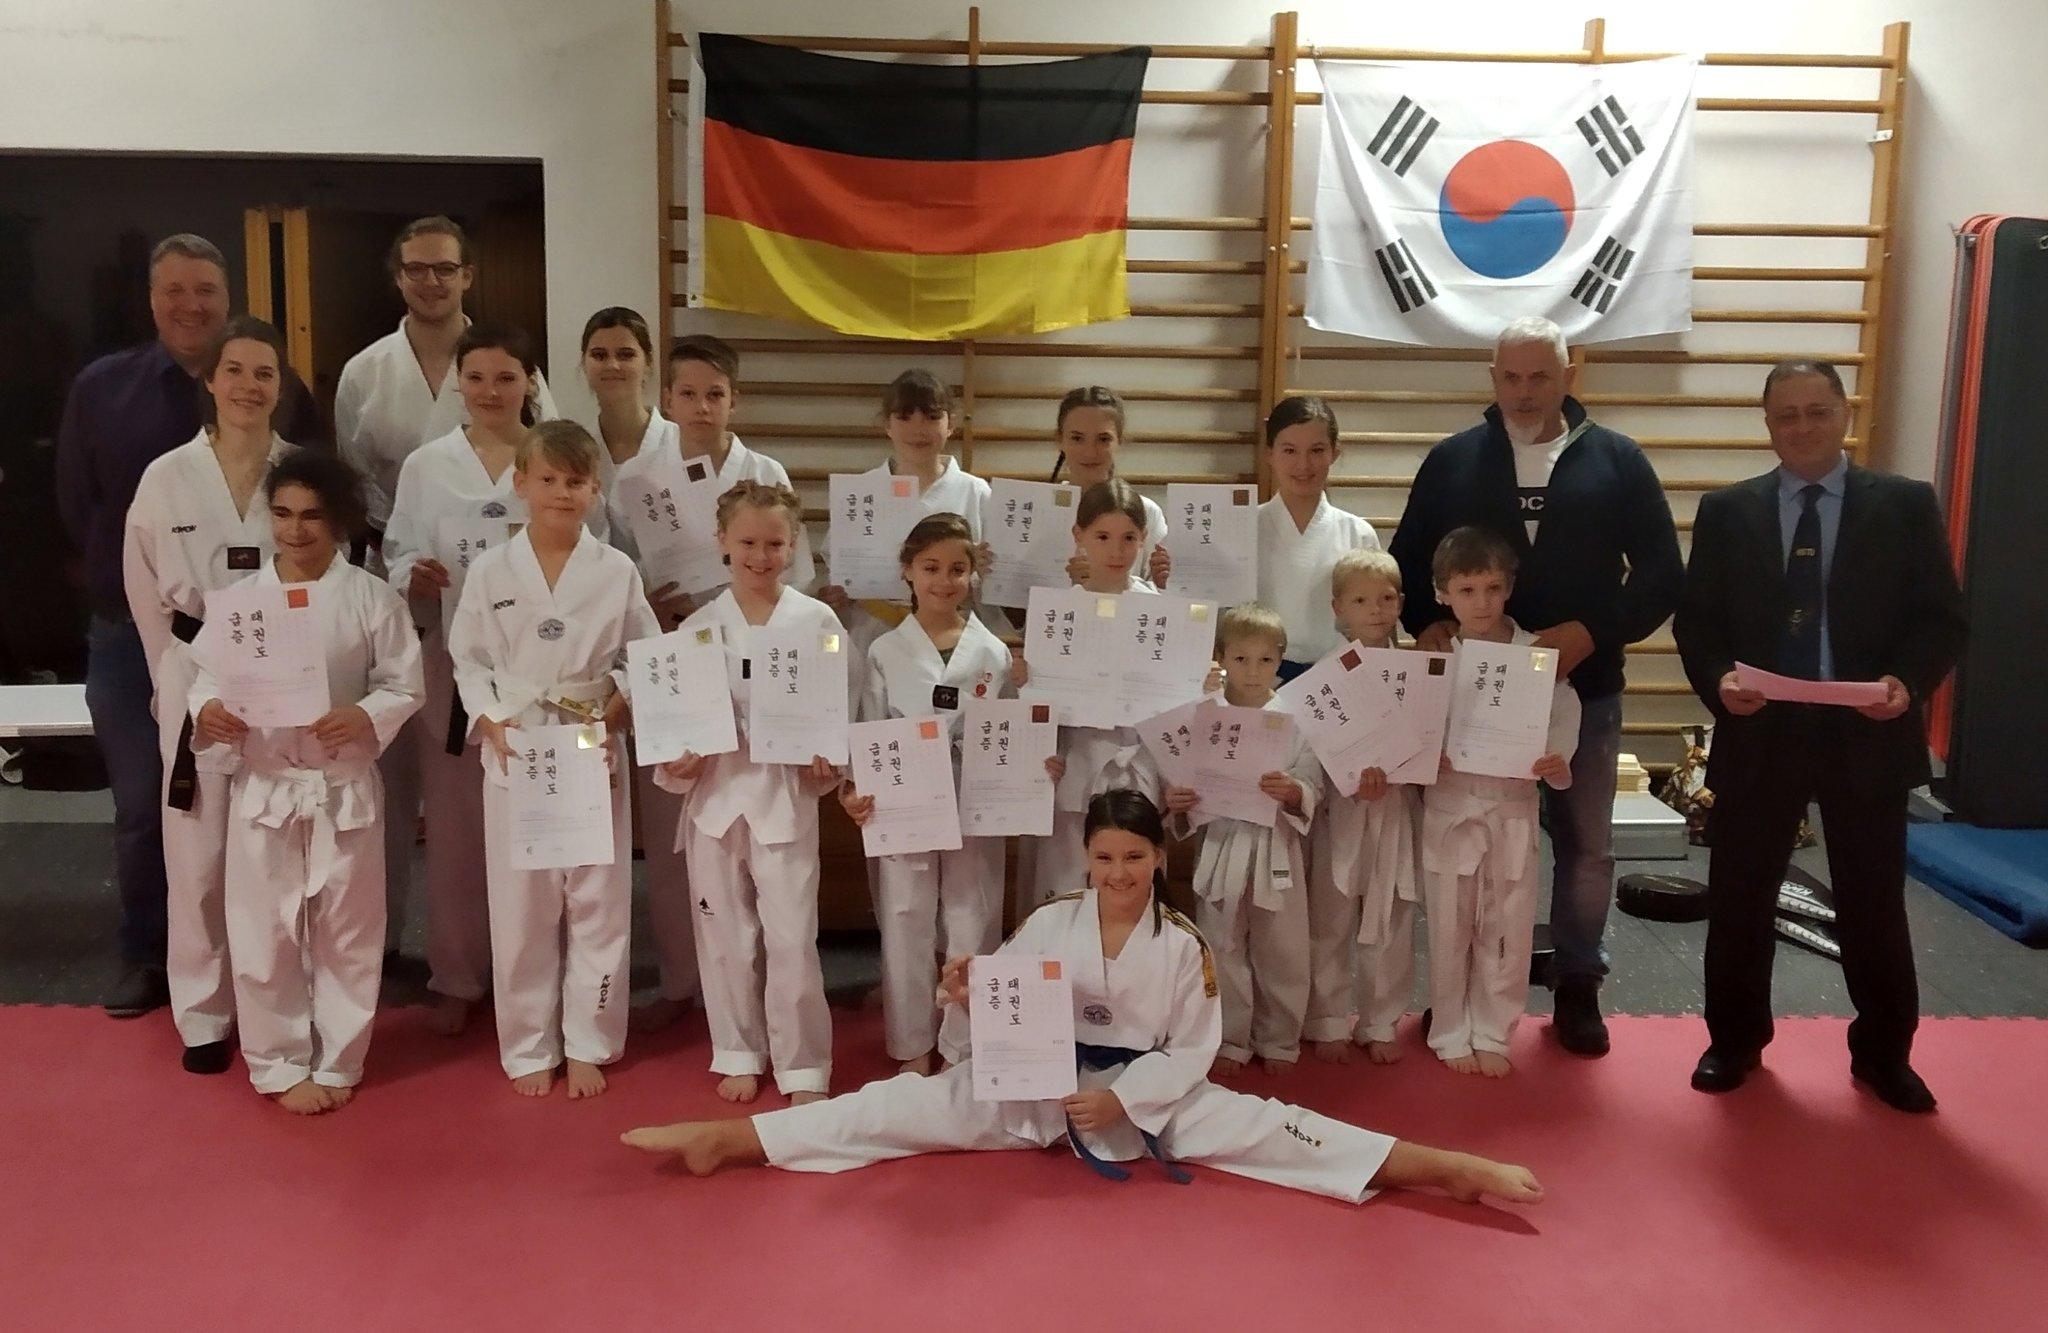 Taekwondo Taebaek Rhade: Taekwondo Prüfungstermin in Rhade - Dorsten - Lokalkompass.de